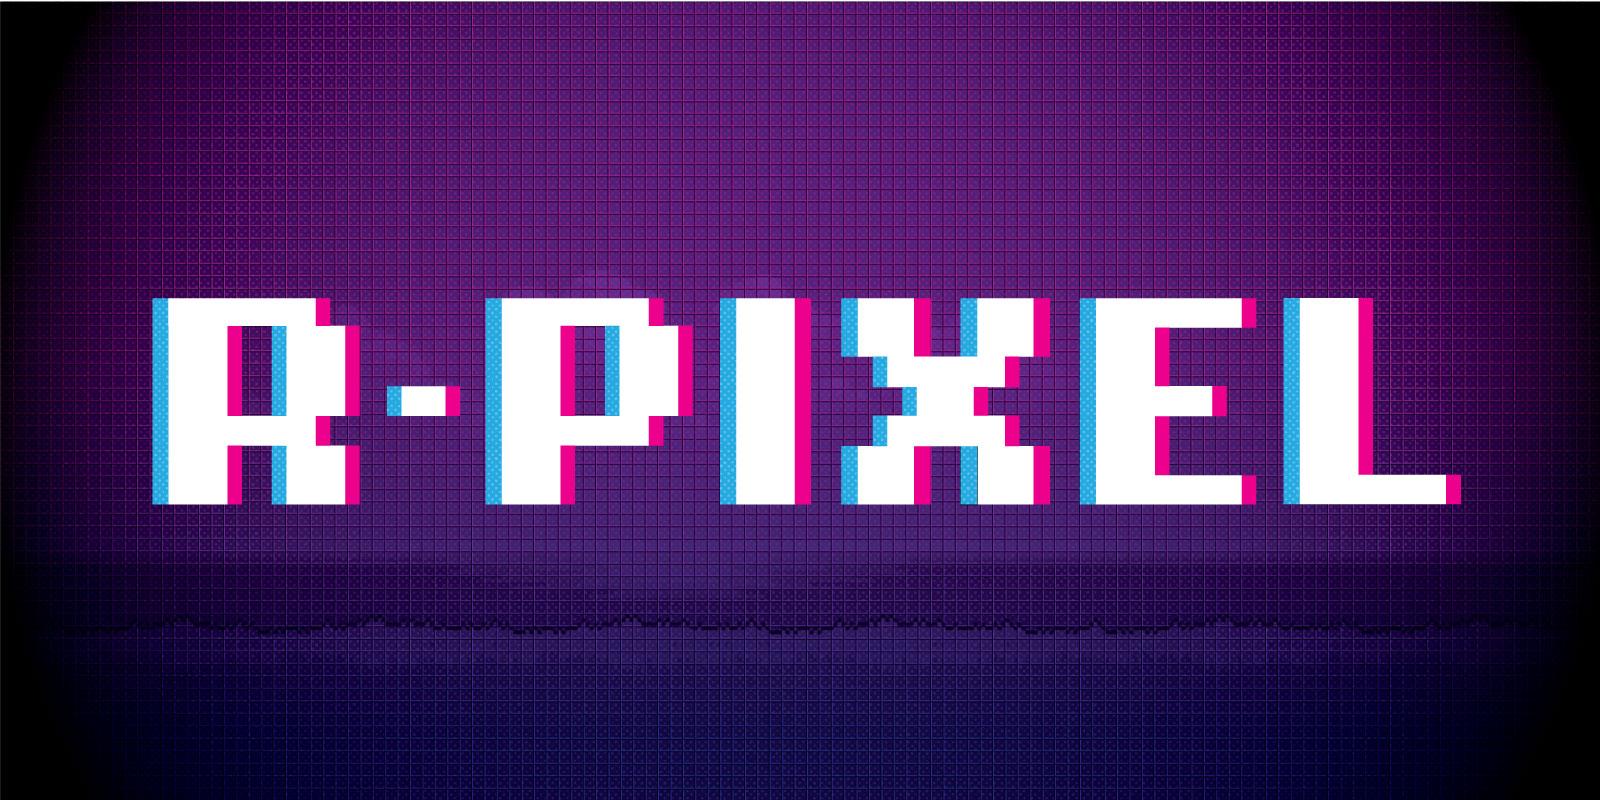 R Pixel